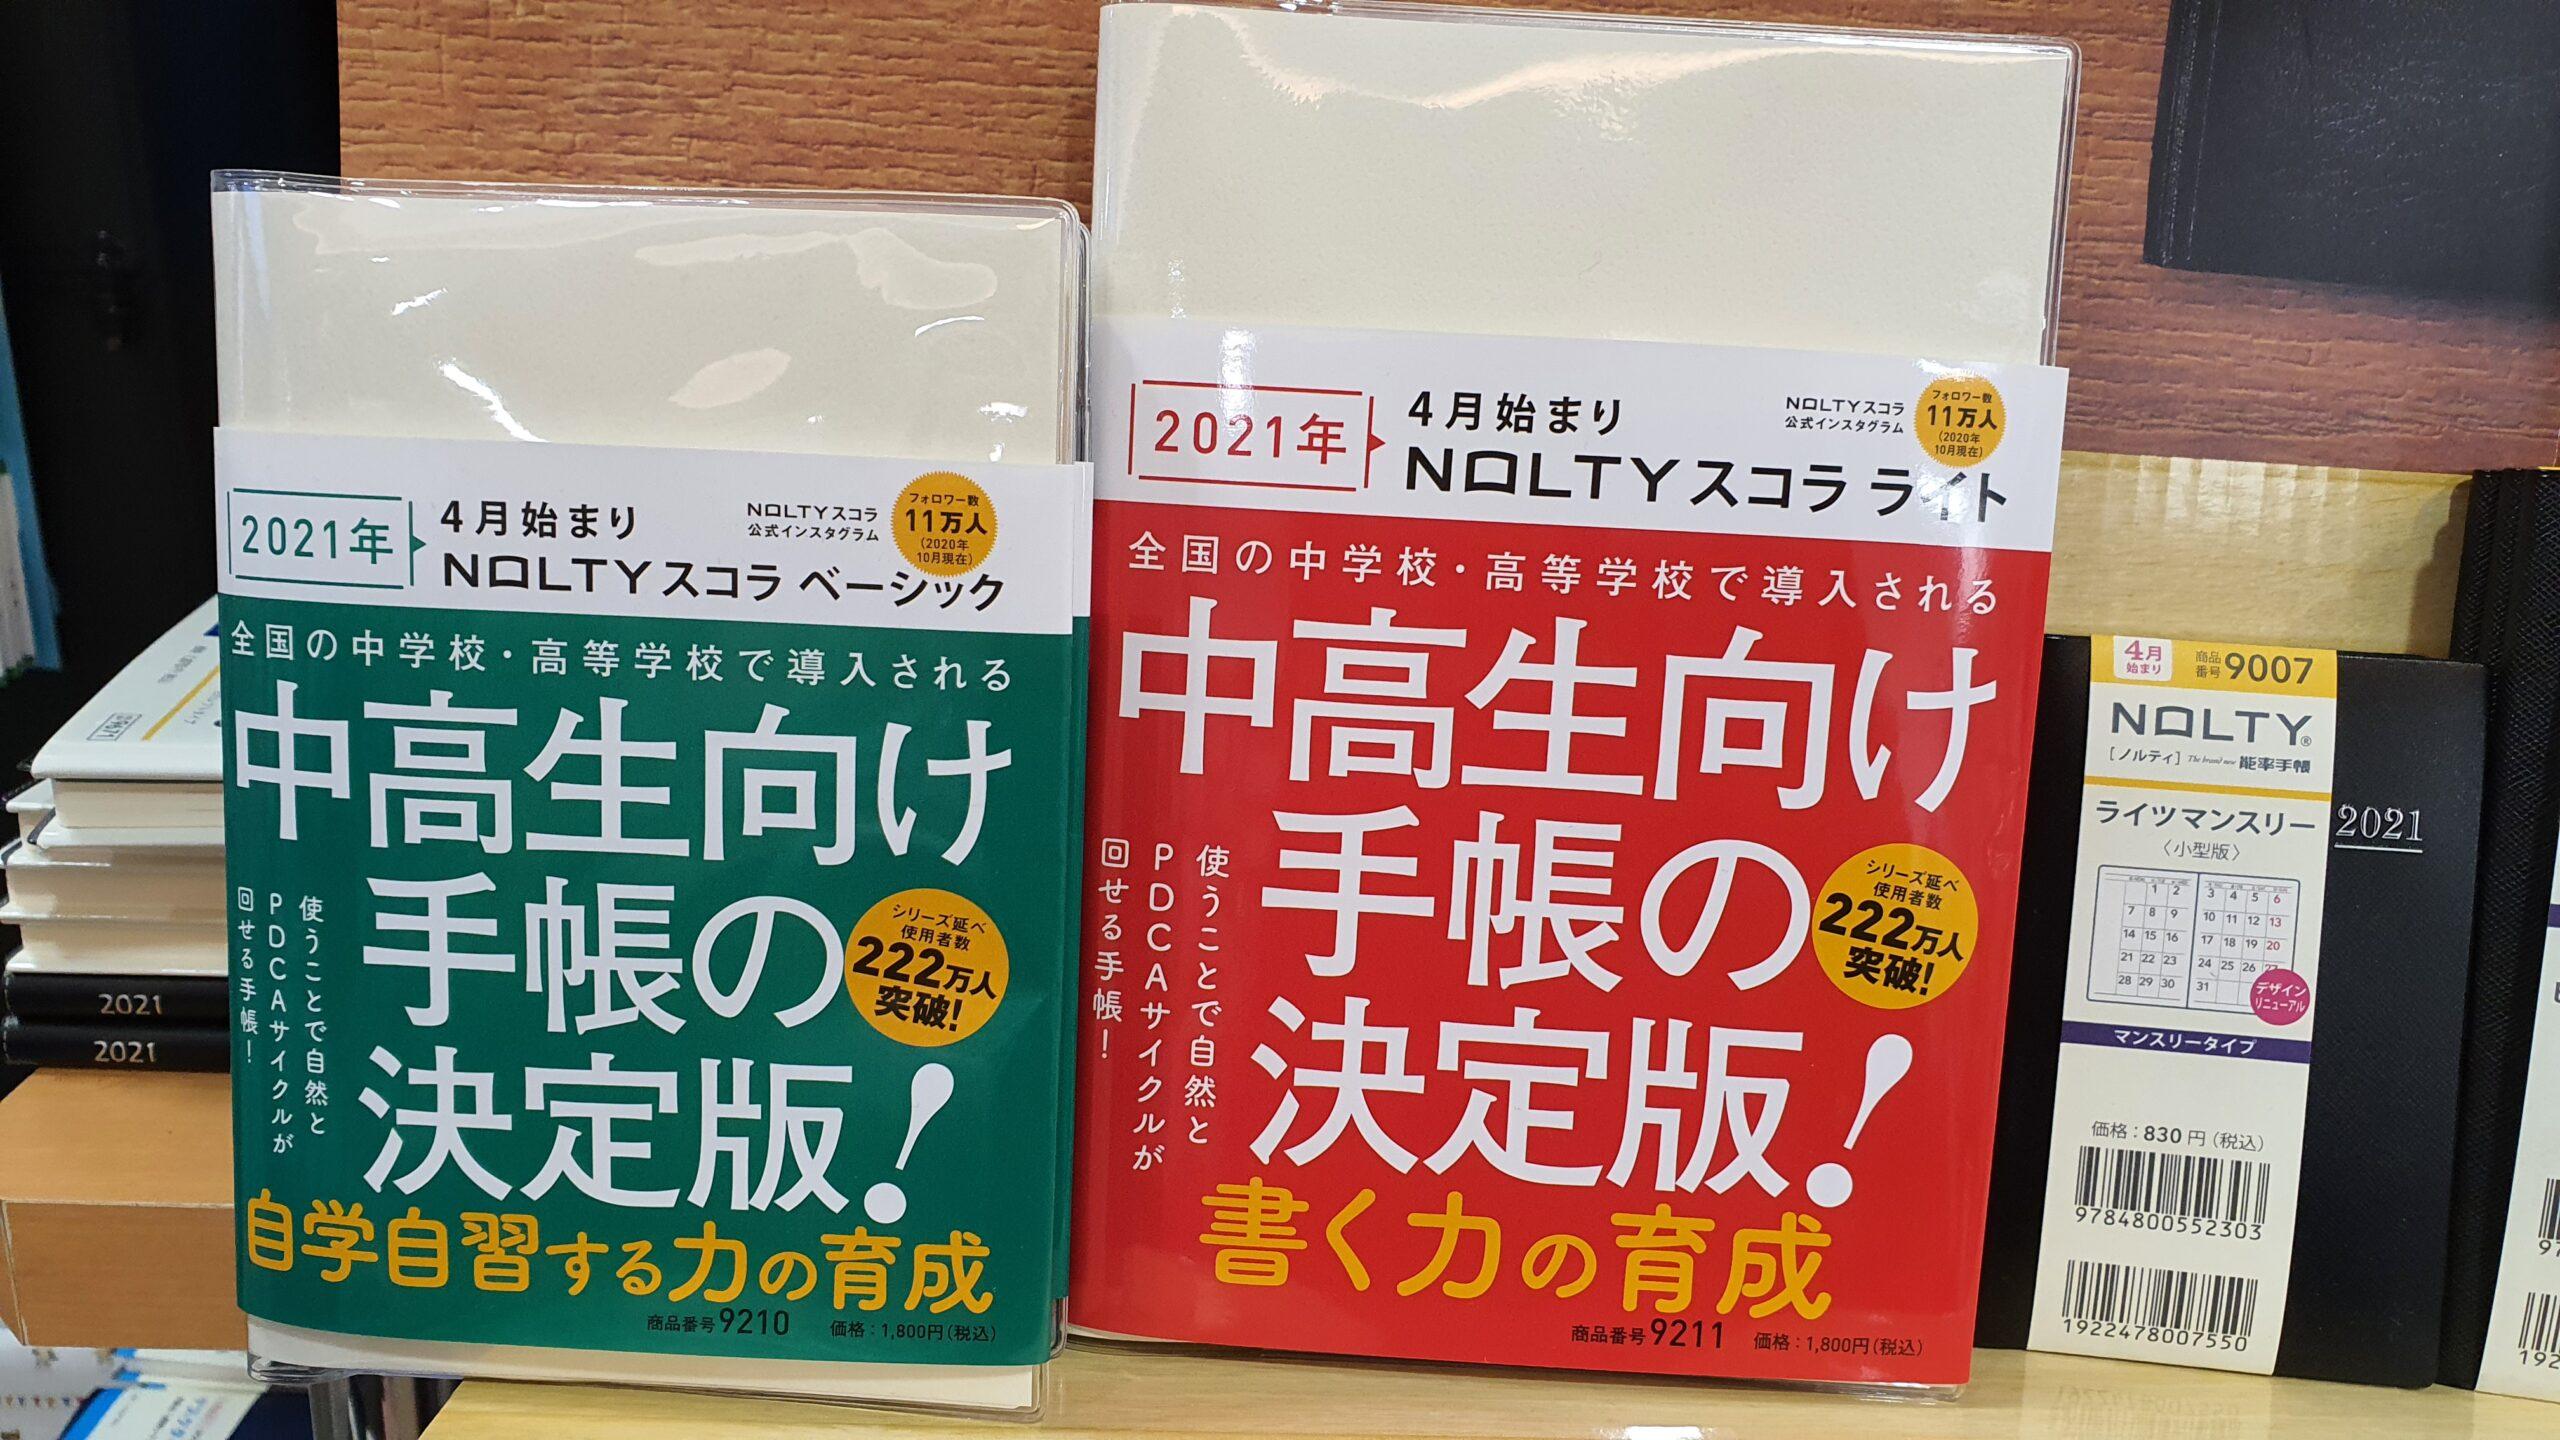 中高生向け手帳の決定版「NOLTYスコラシリーズ」